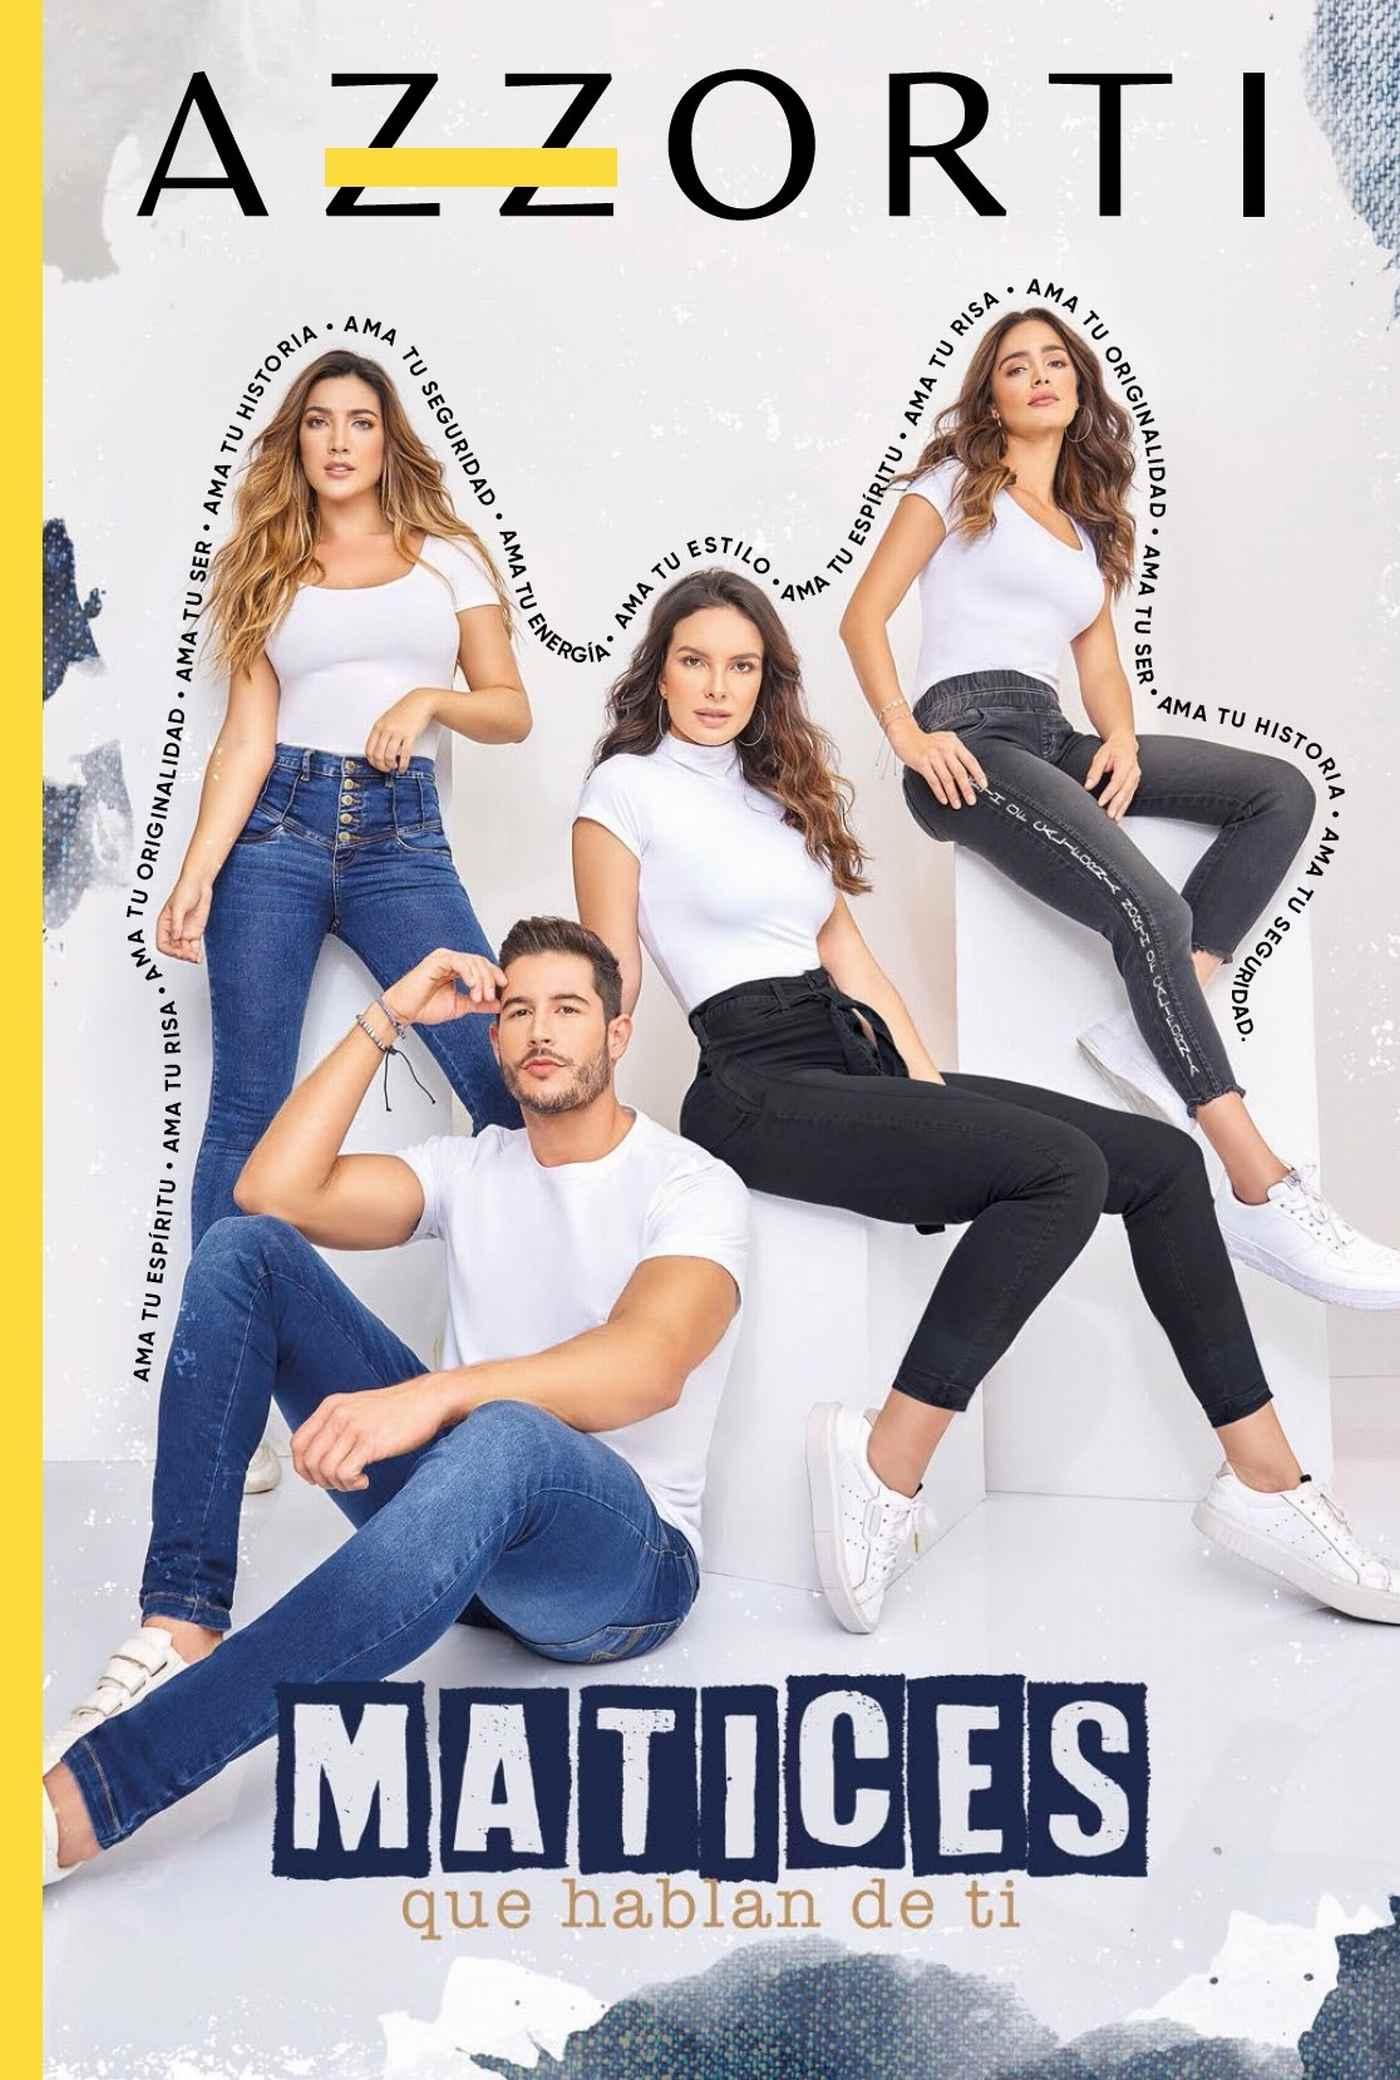 Catálogo Azzorti Campaña 11 2021 Bolivia